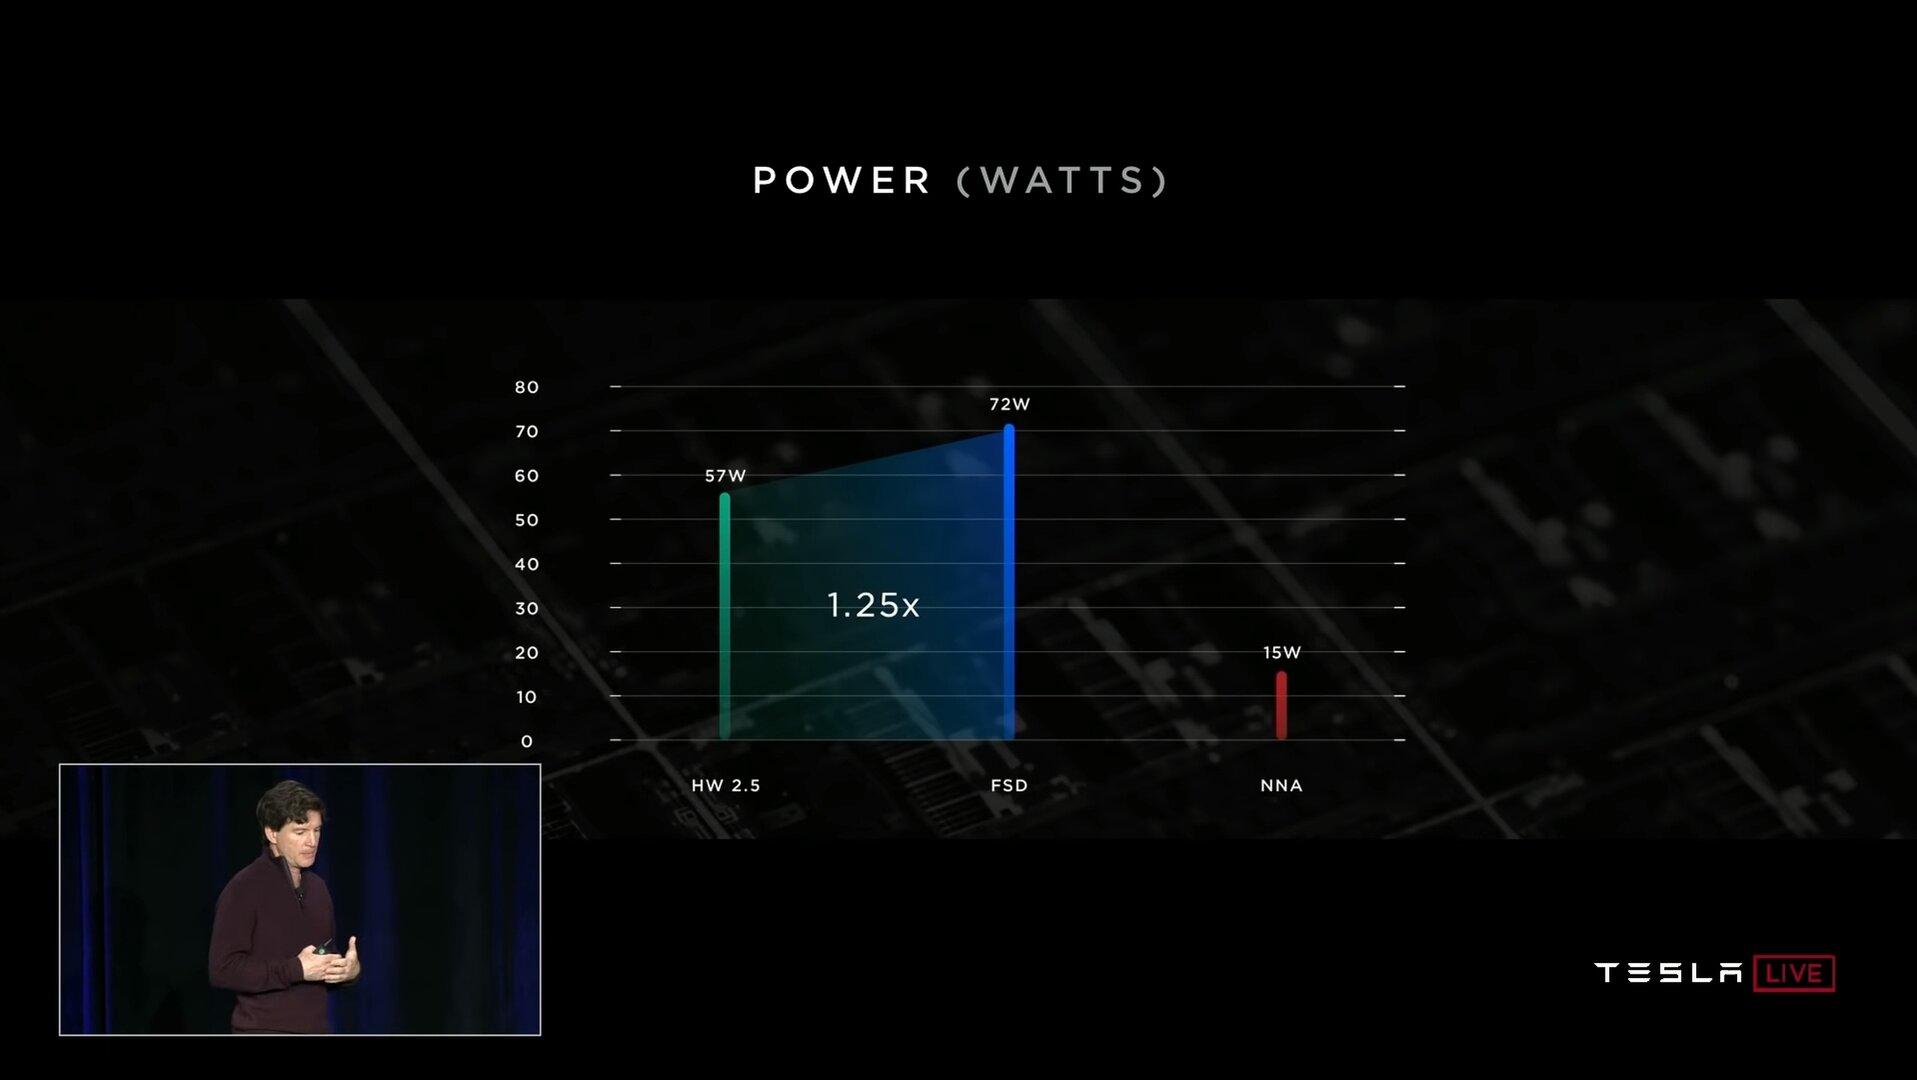 Vergleich Verbrauch zwischen HW 2.5 und FSD